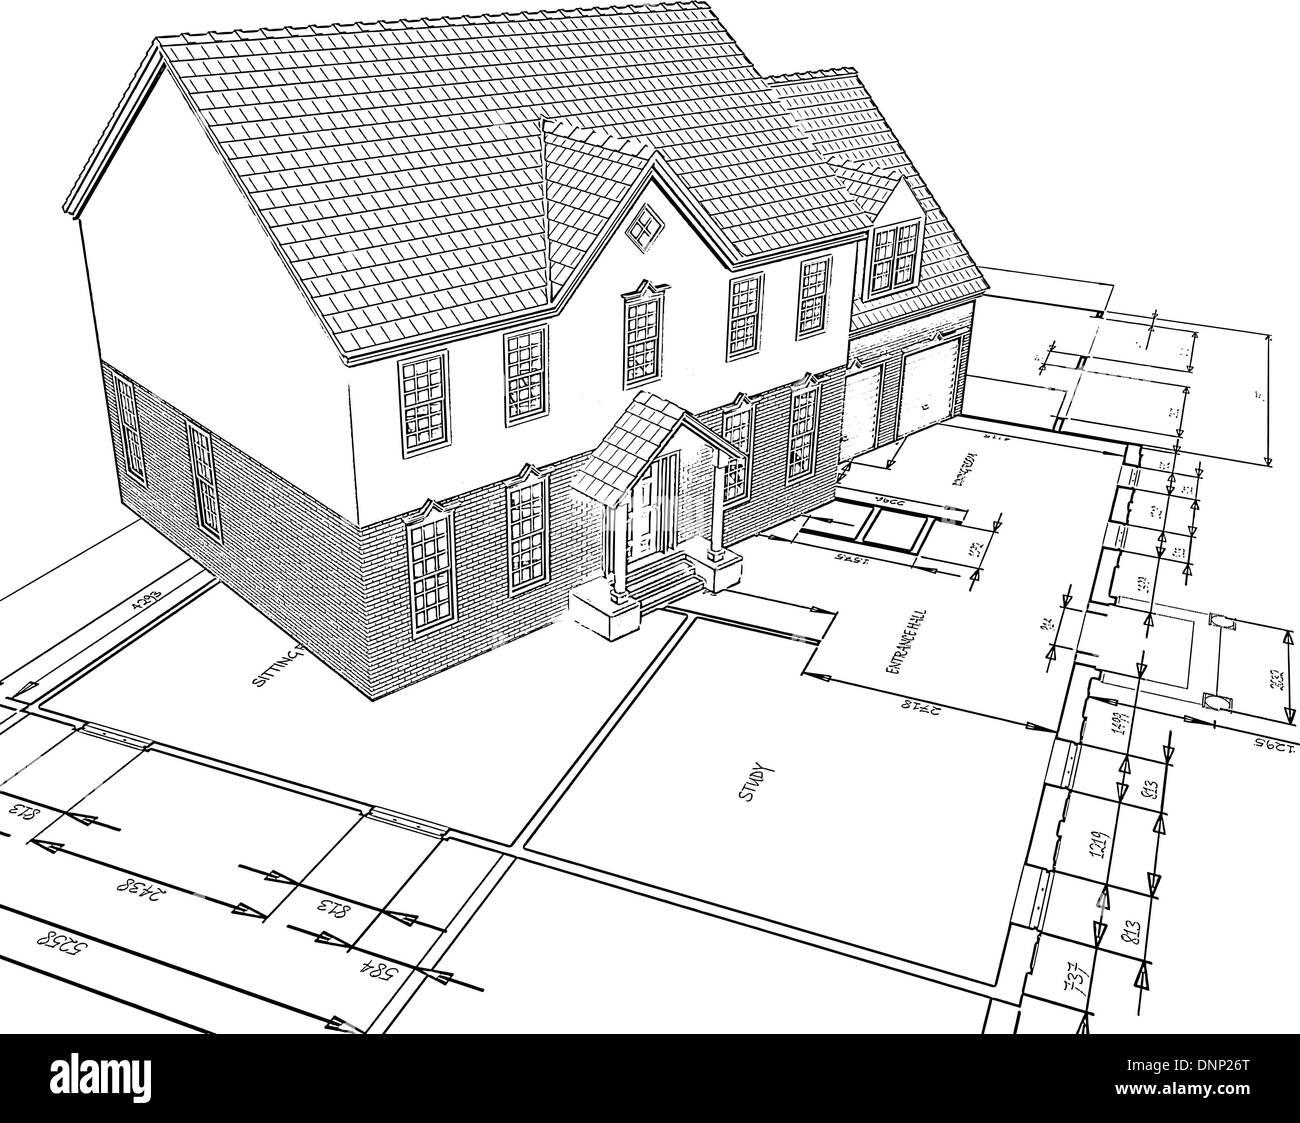 Ilustración estilo boceto de una casa sobre planos Imagen De Stock